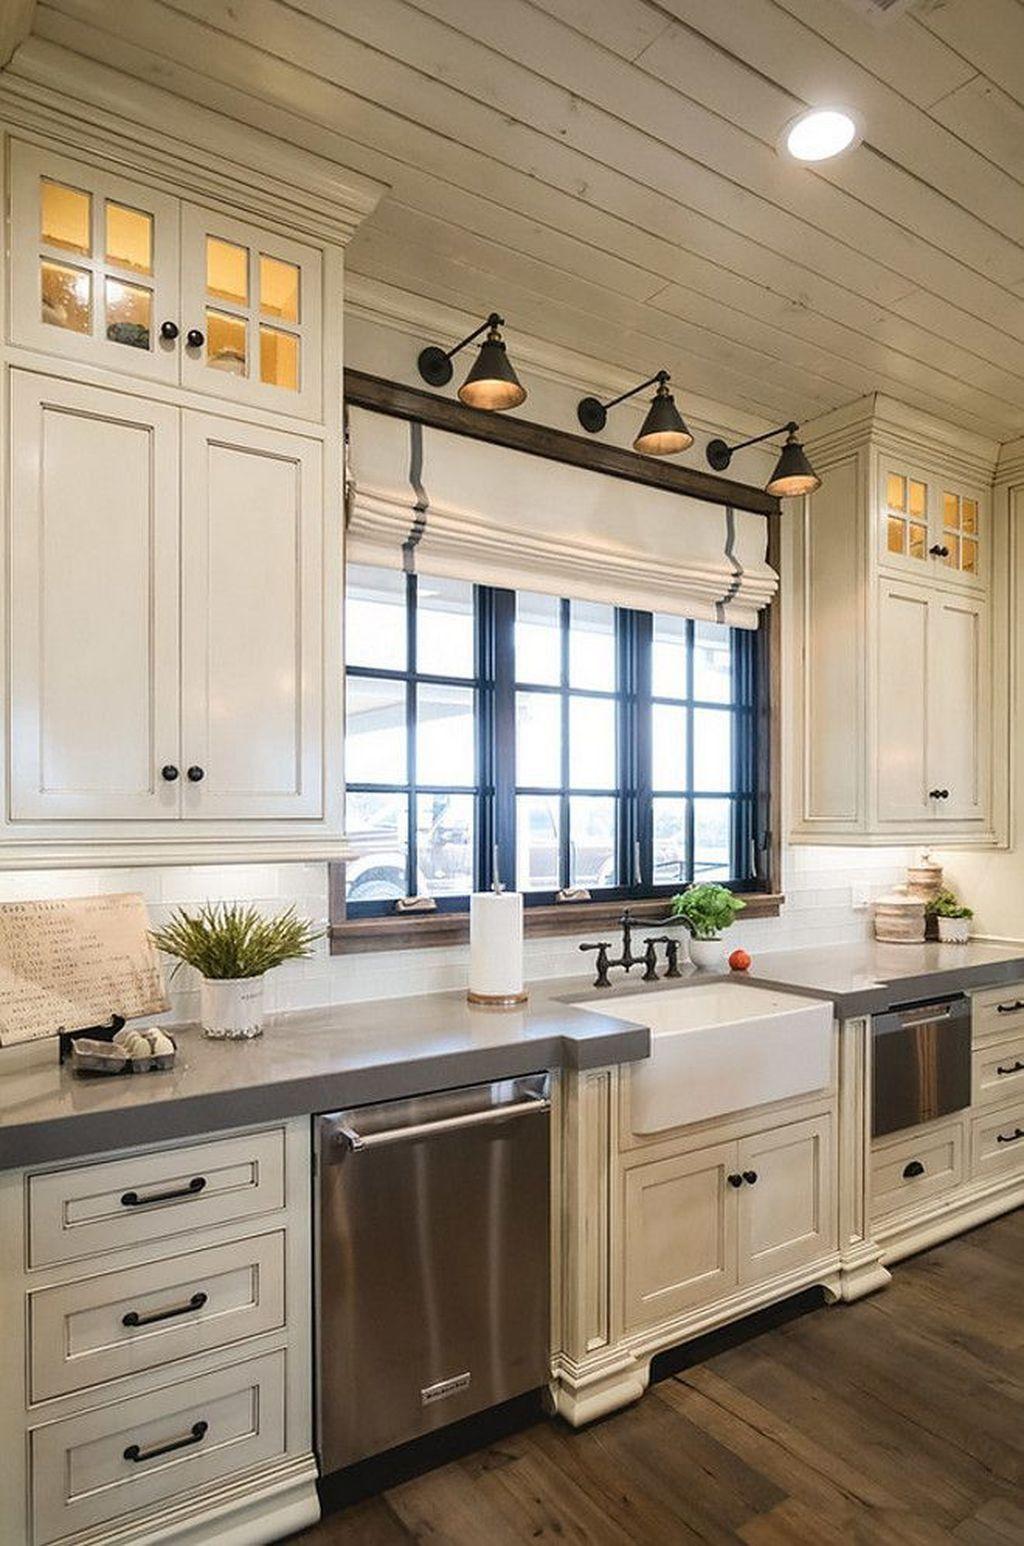 Fresh Farmhouse Kitchen Decor Ideas Pinterest – The Most Awesome ...